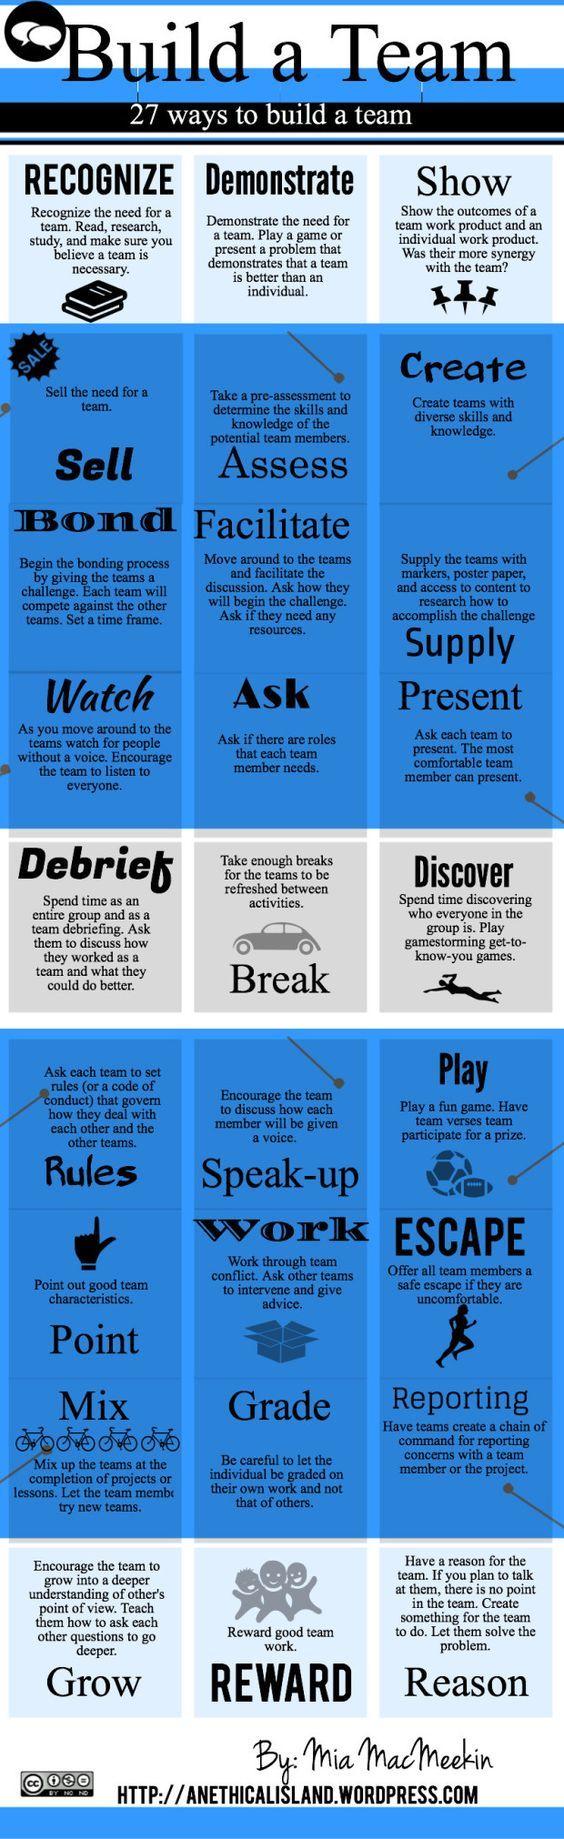 Build a Team 8 best Project Management